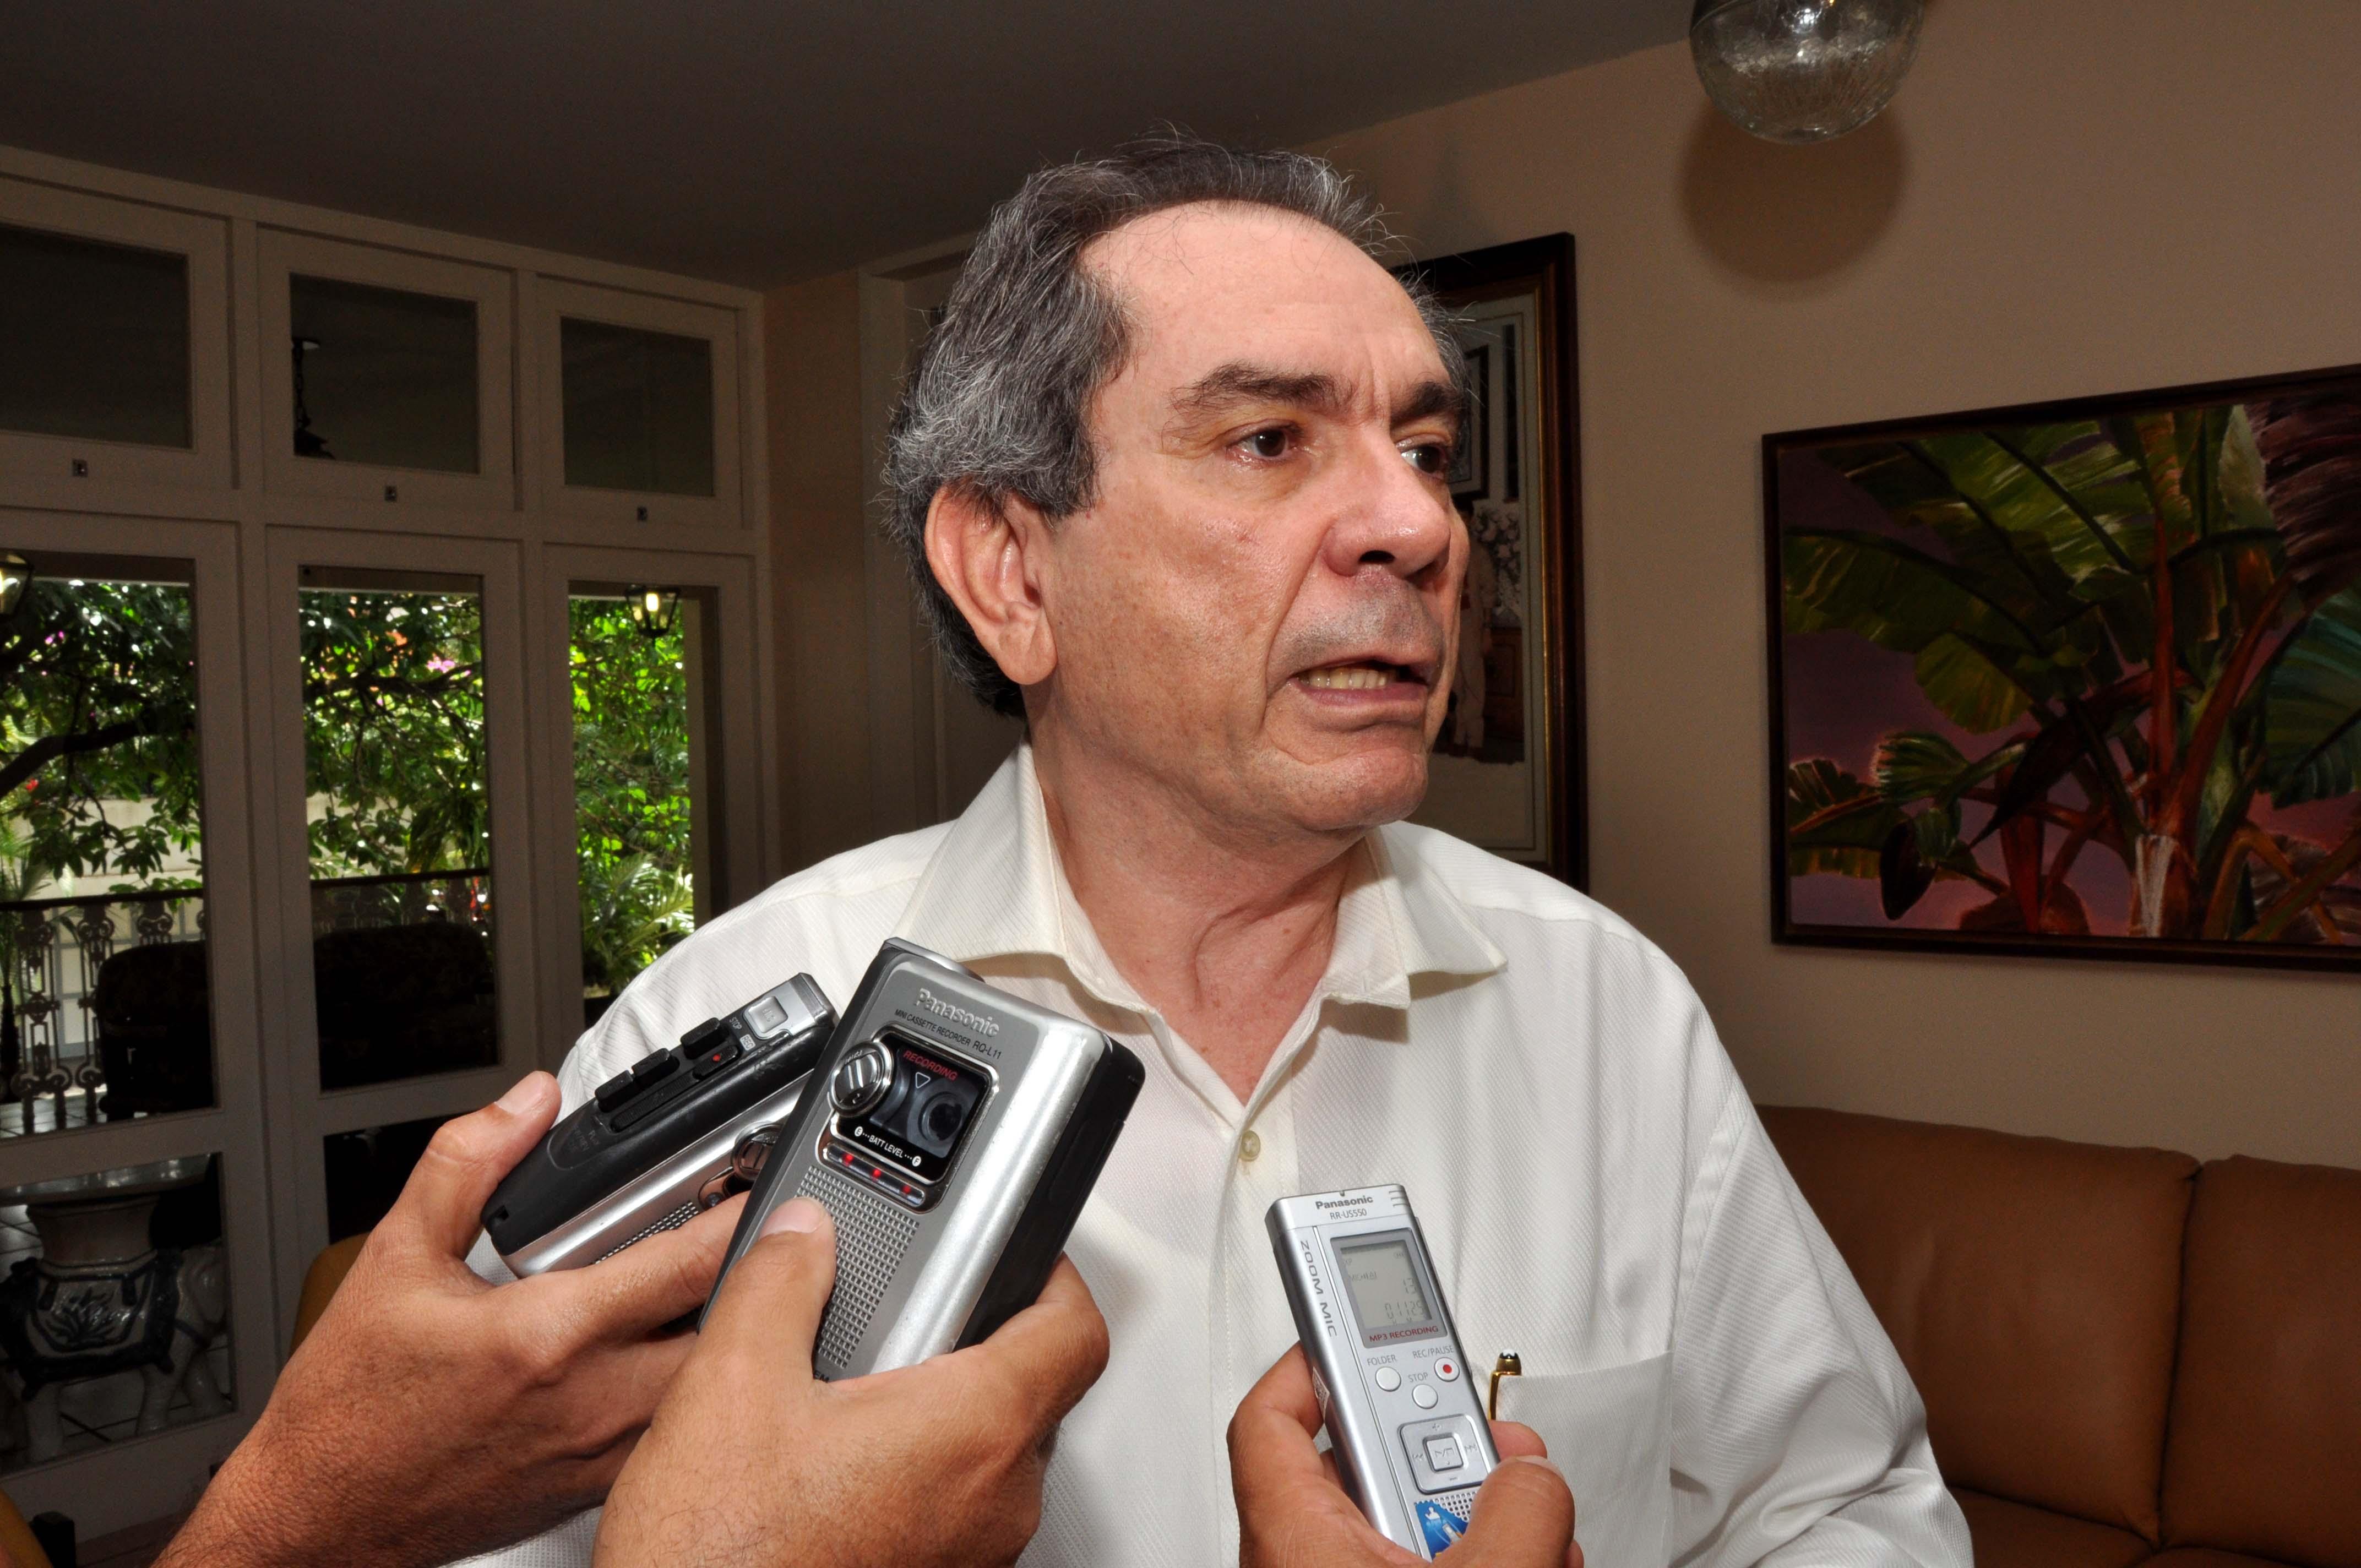 """Lira endossa tese de candidatura de RC à Presidência: """"Bom candidato"""""""